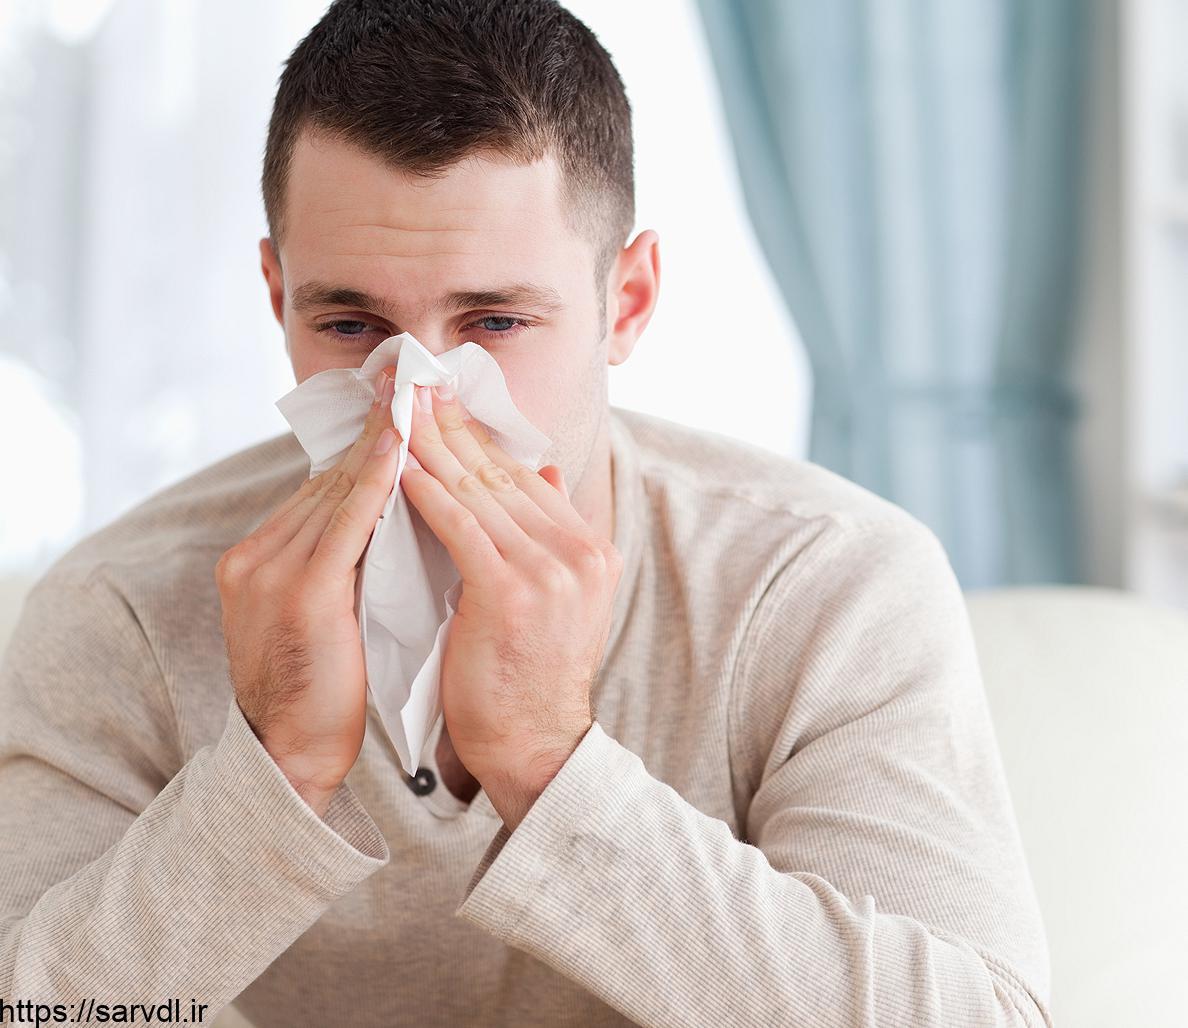 ۲۴ ساعته از سرماخوردگی خلاص شوید